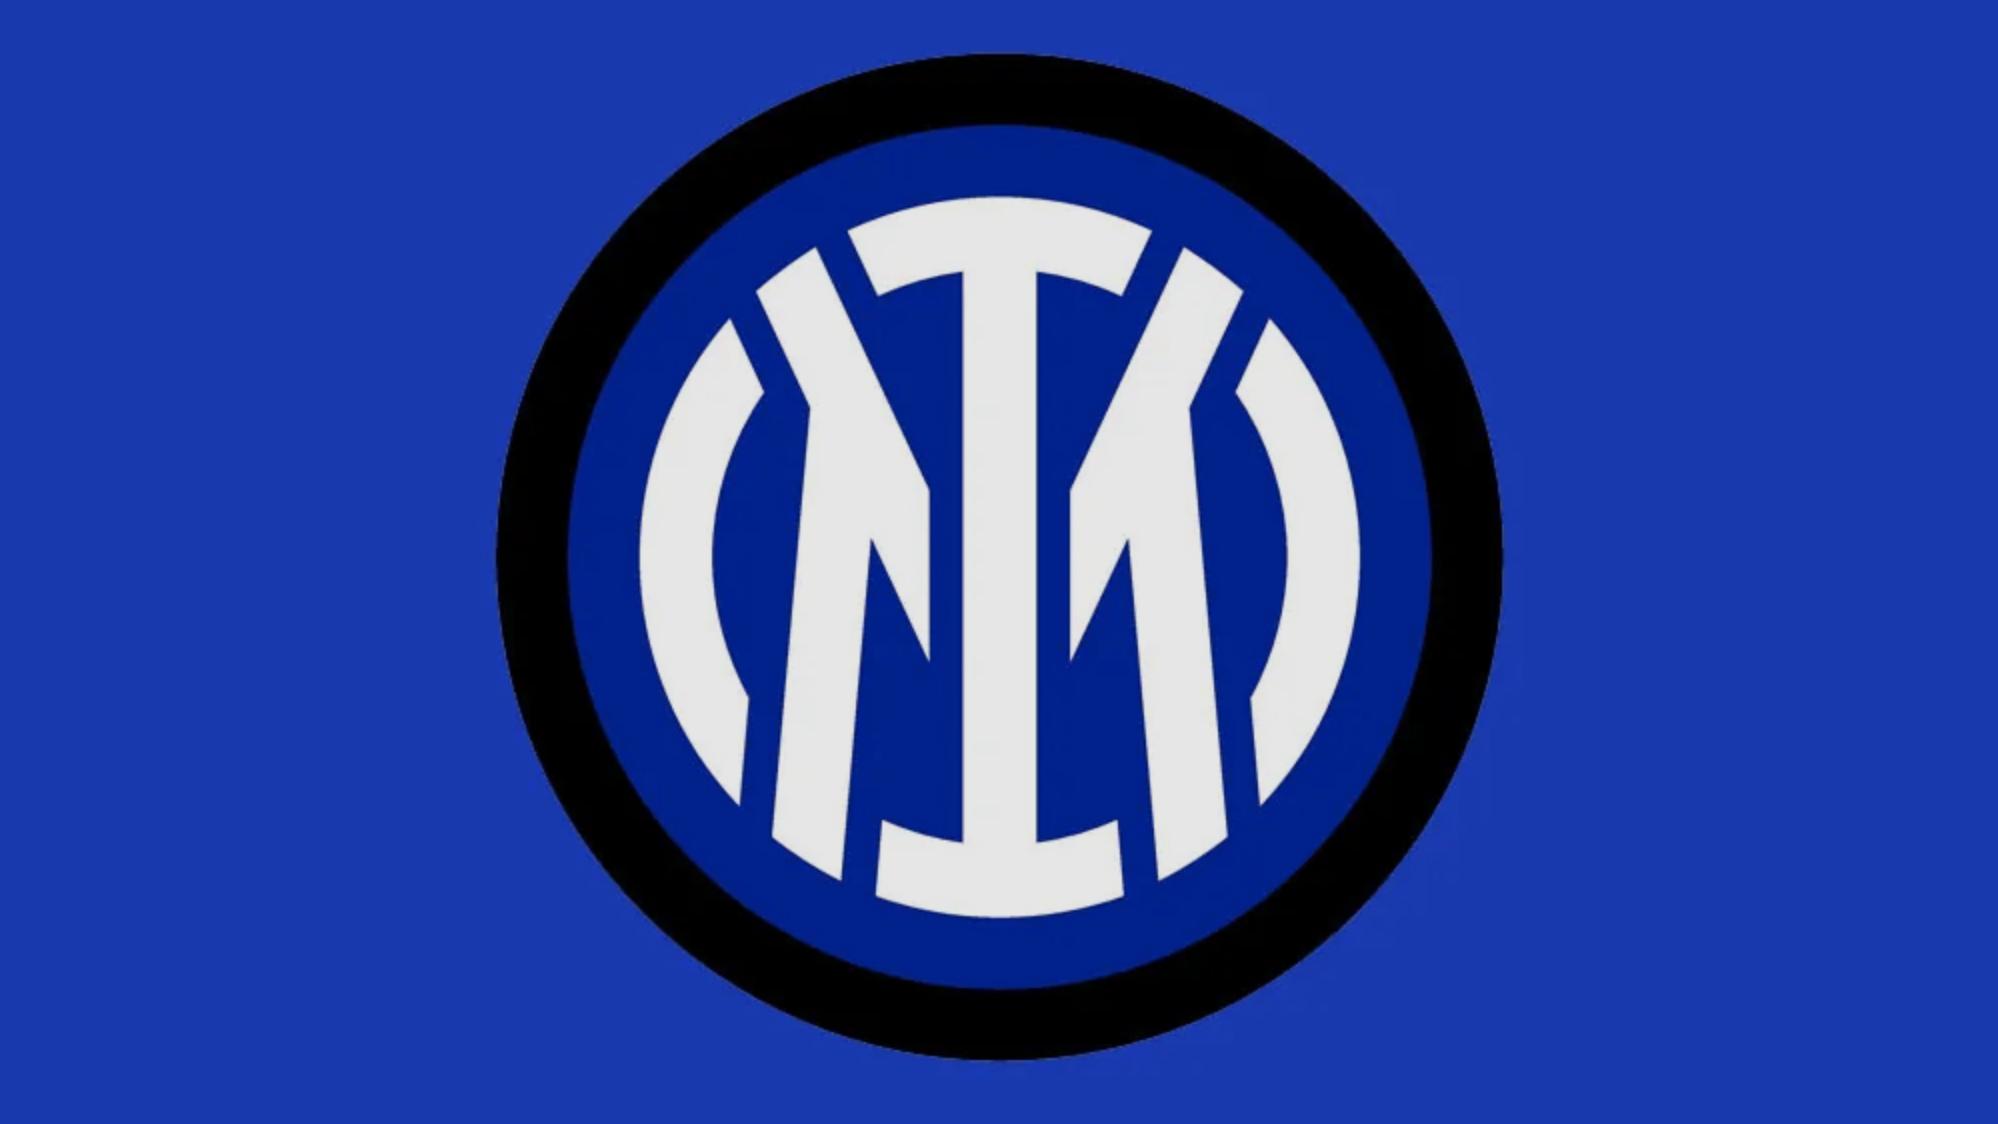 Nuovo Logo Inter - Jeanzilla - Gianluca De Bianchi